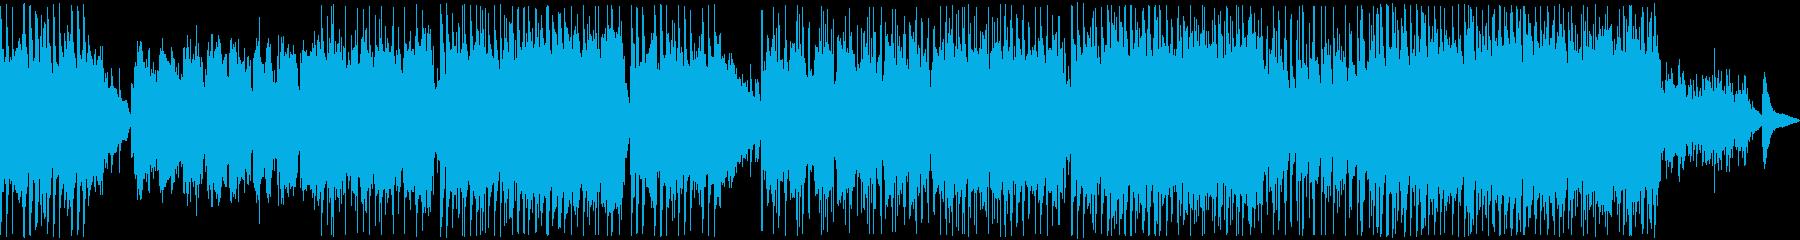 和風な哀愁に満ちたバラード4の再生済みの波形